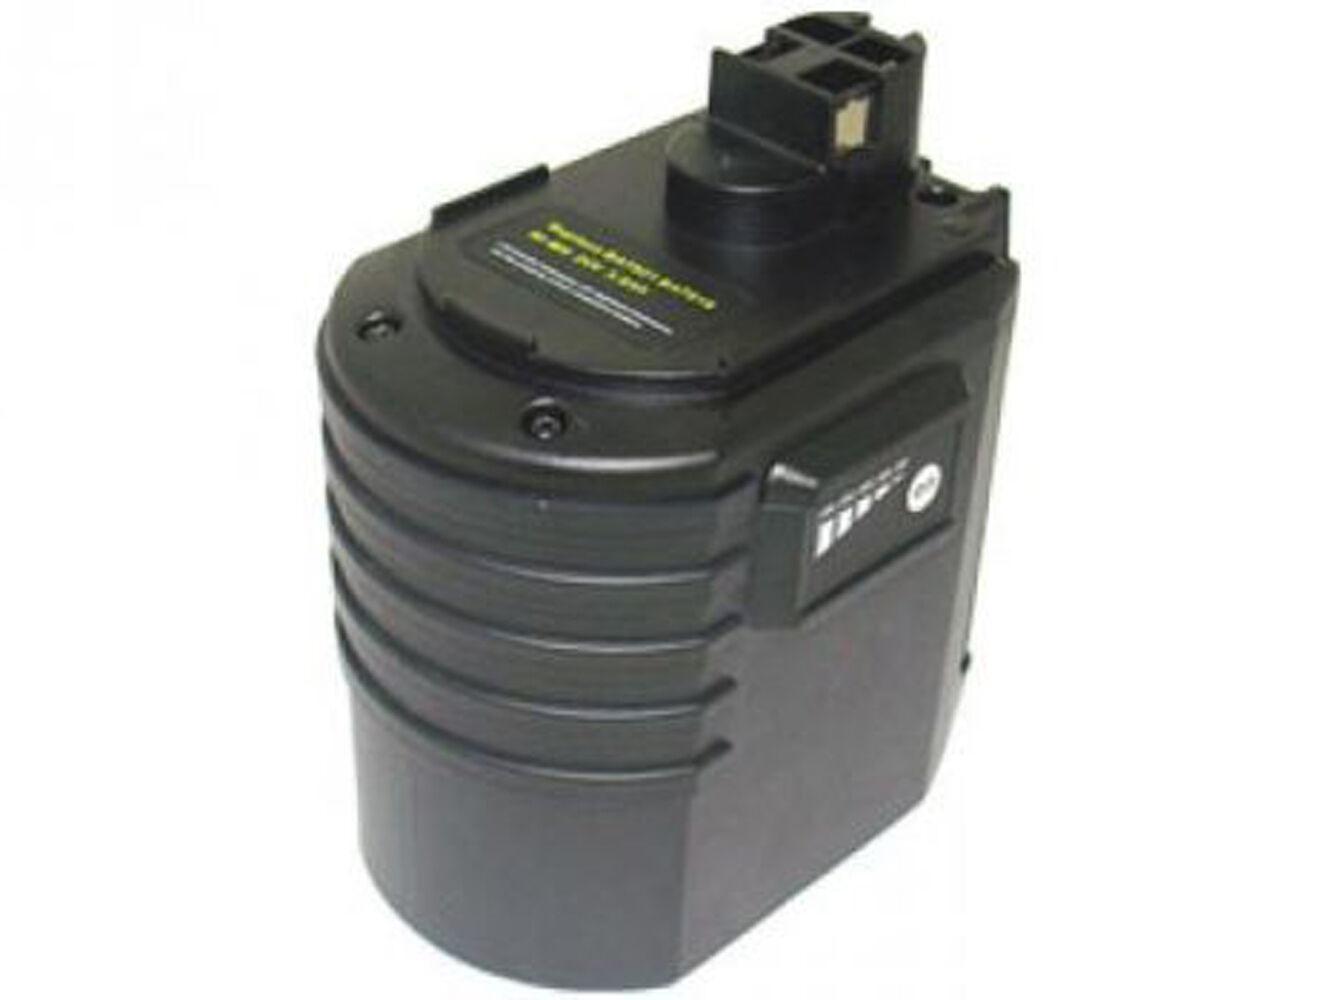 24V NiMH 3.0Ah Akku für Bosch 0 611 260 539, 11225VSR, 11225VSRH, BAT019, BAT021